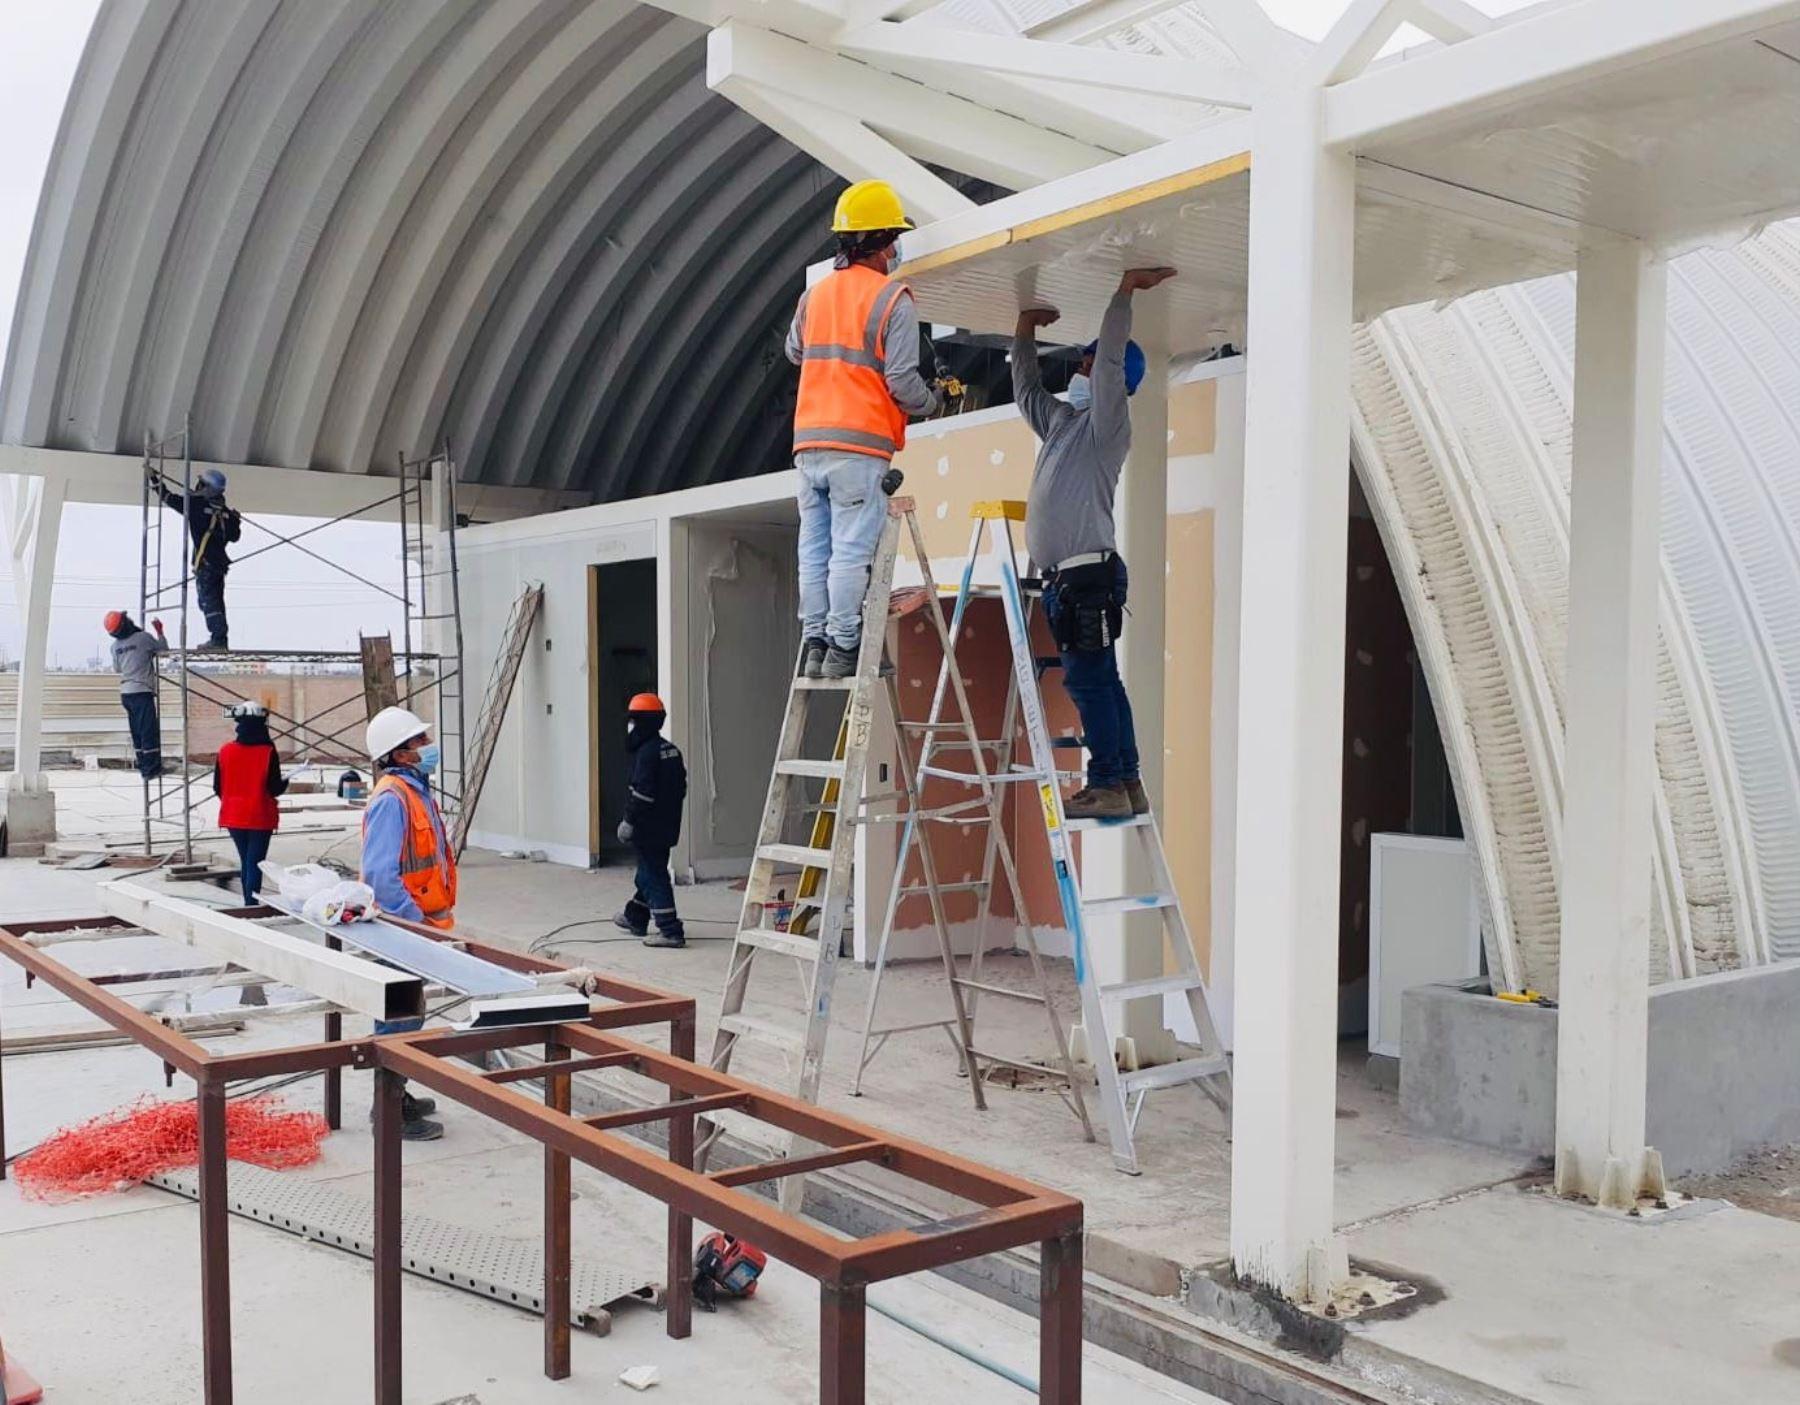 Ica acelera la construcción del primer hospital modular del Perú y estará listo en julio, anuncia el Programa Nacional de Inversiones en Salud del Minsa, encargado de ejecutar la obra. Foto: ANDINA/difusión.